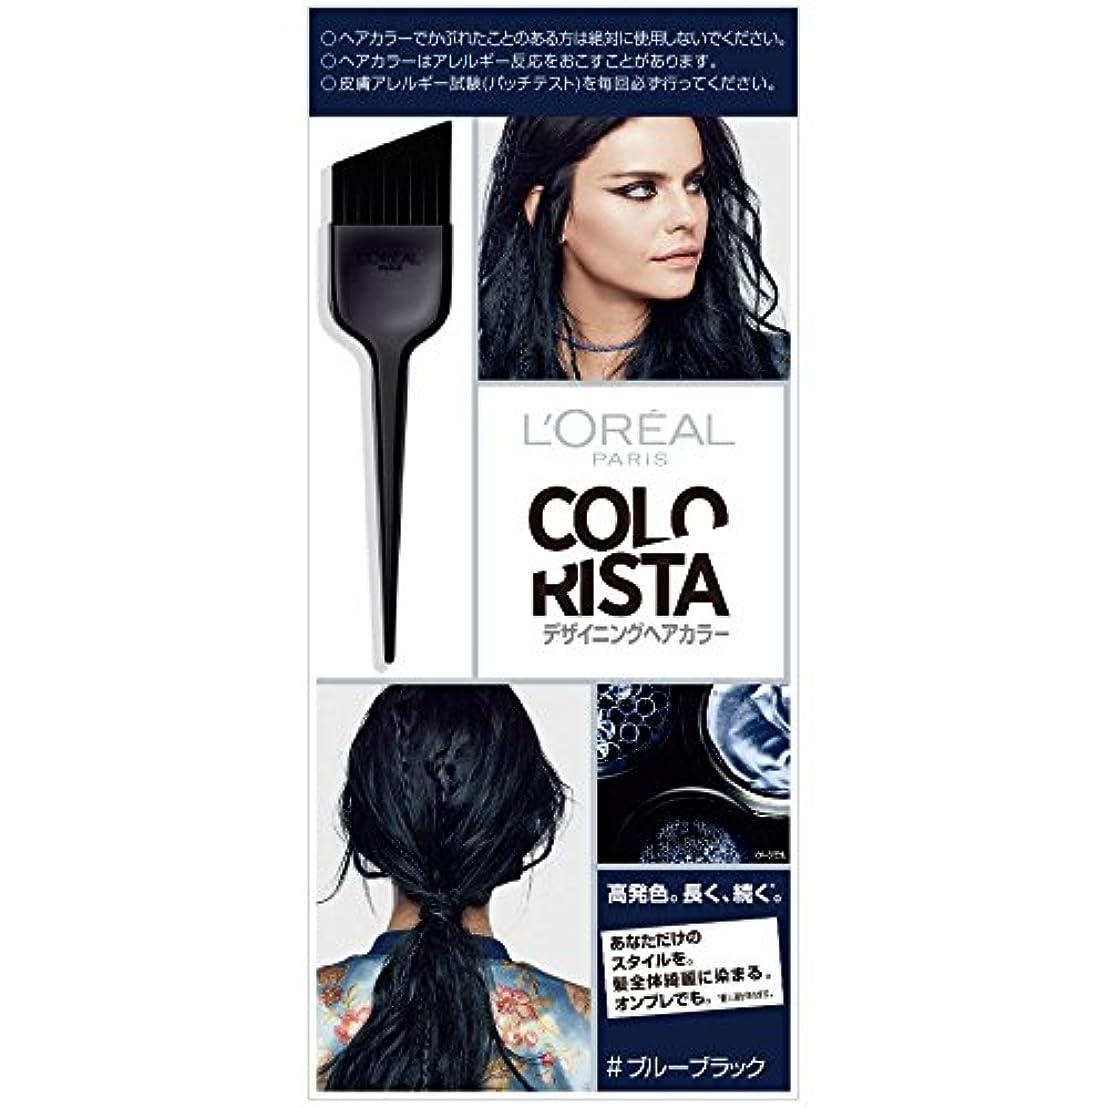 イブ情報連邦ロレアル パリ カラーリスタ デザイニングヘアカラー ブルーブラック